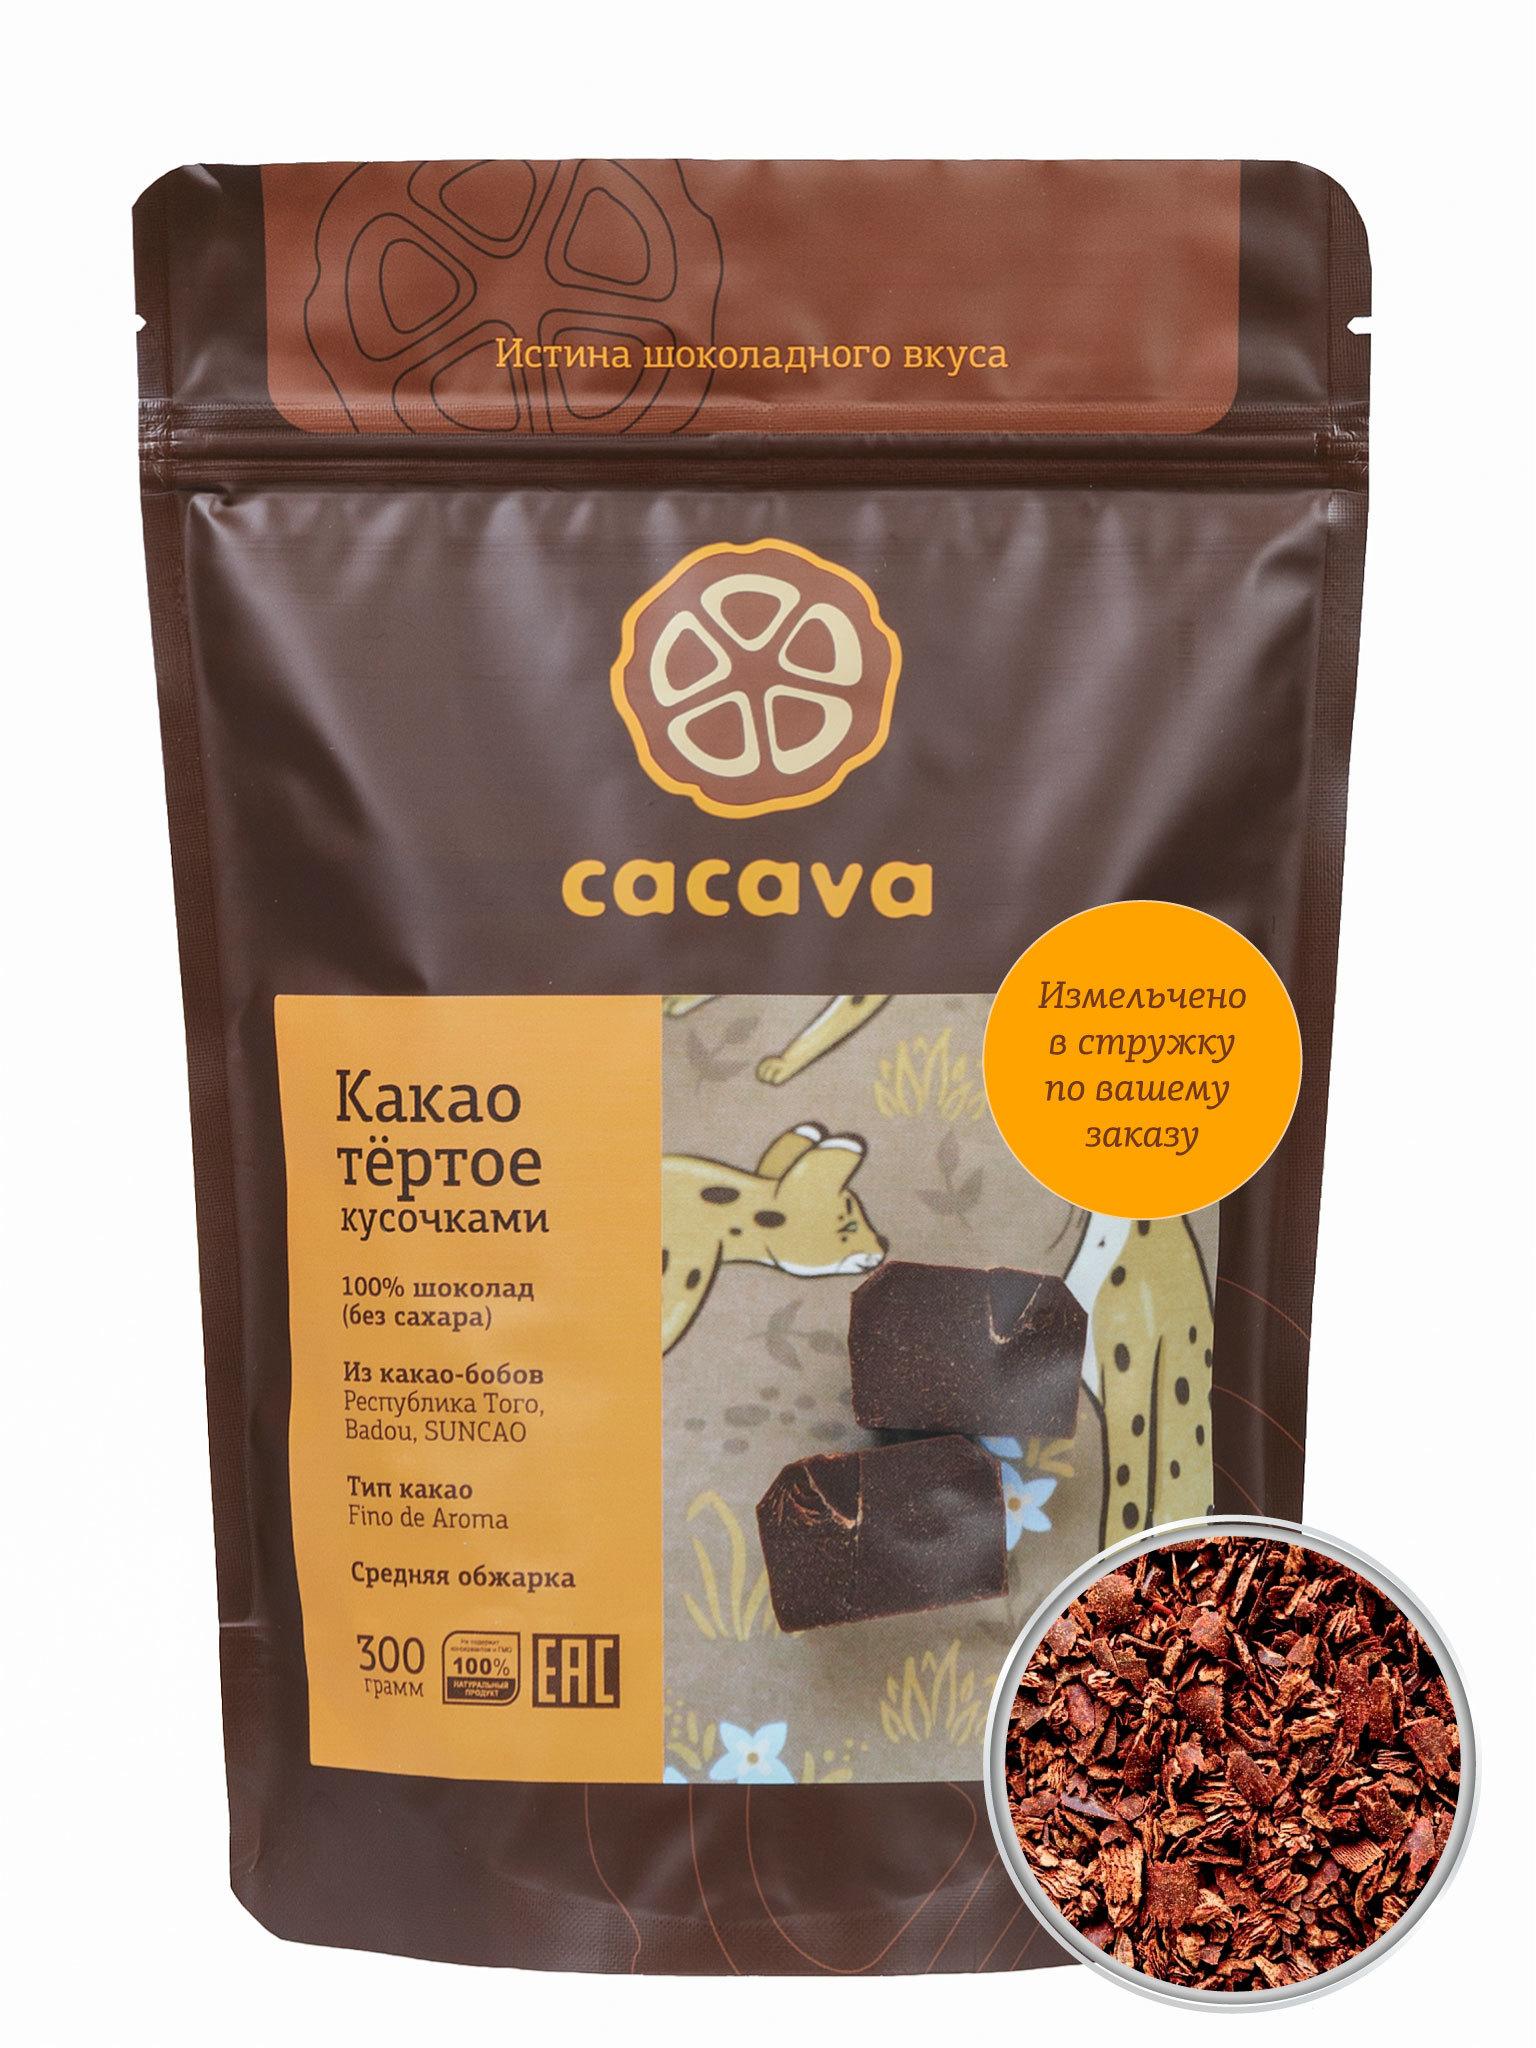 Какао тёртое в стружке (Того, Badou), упаковка 300 грамм